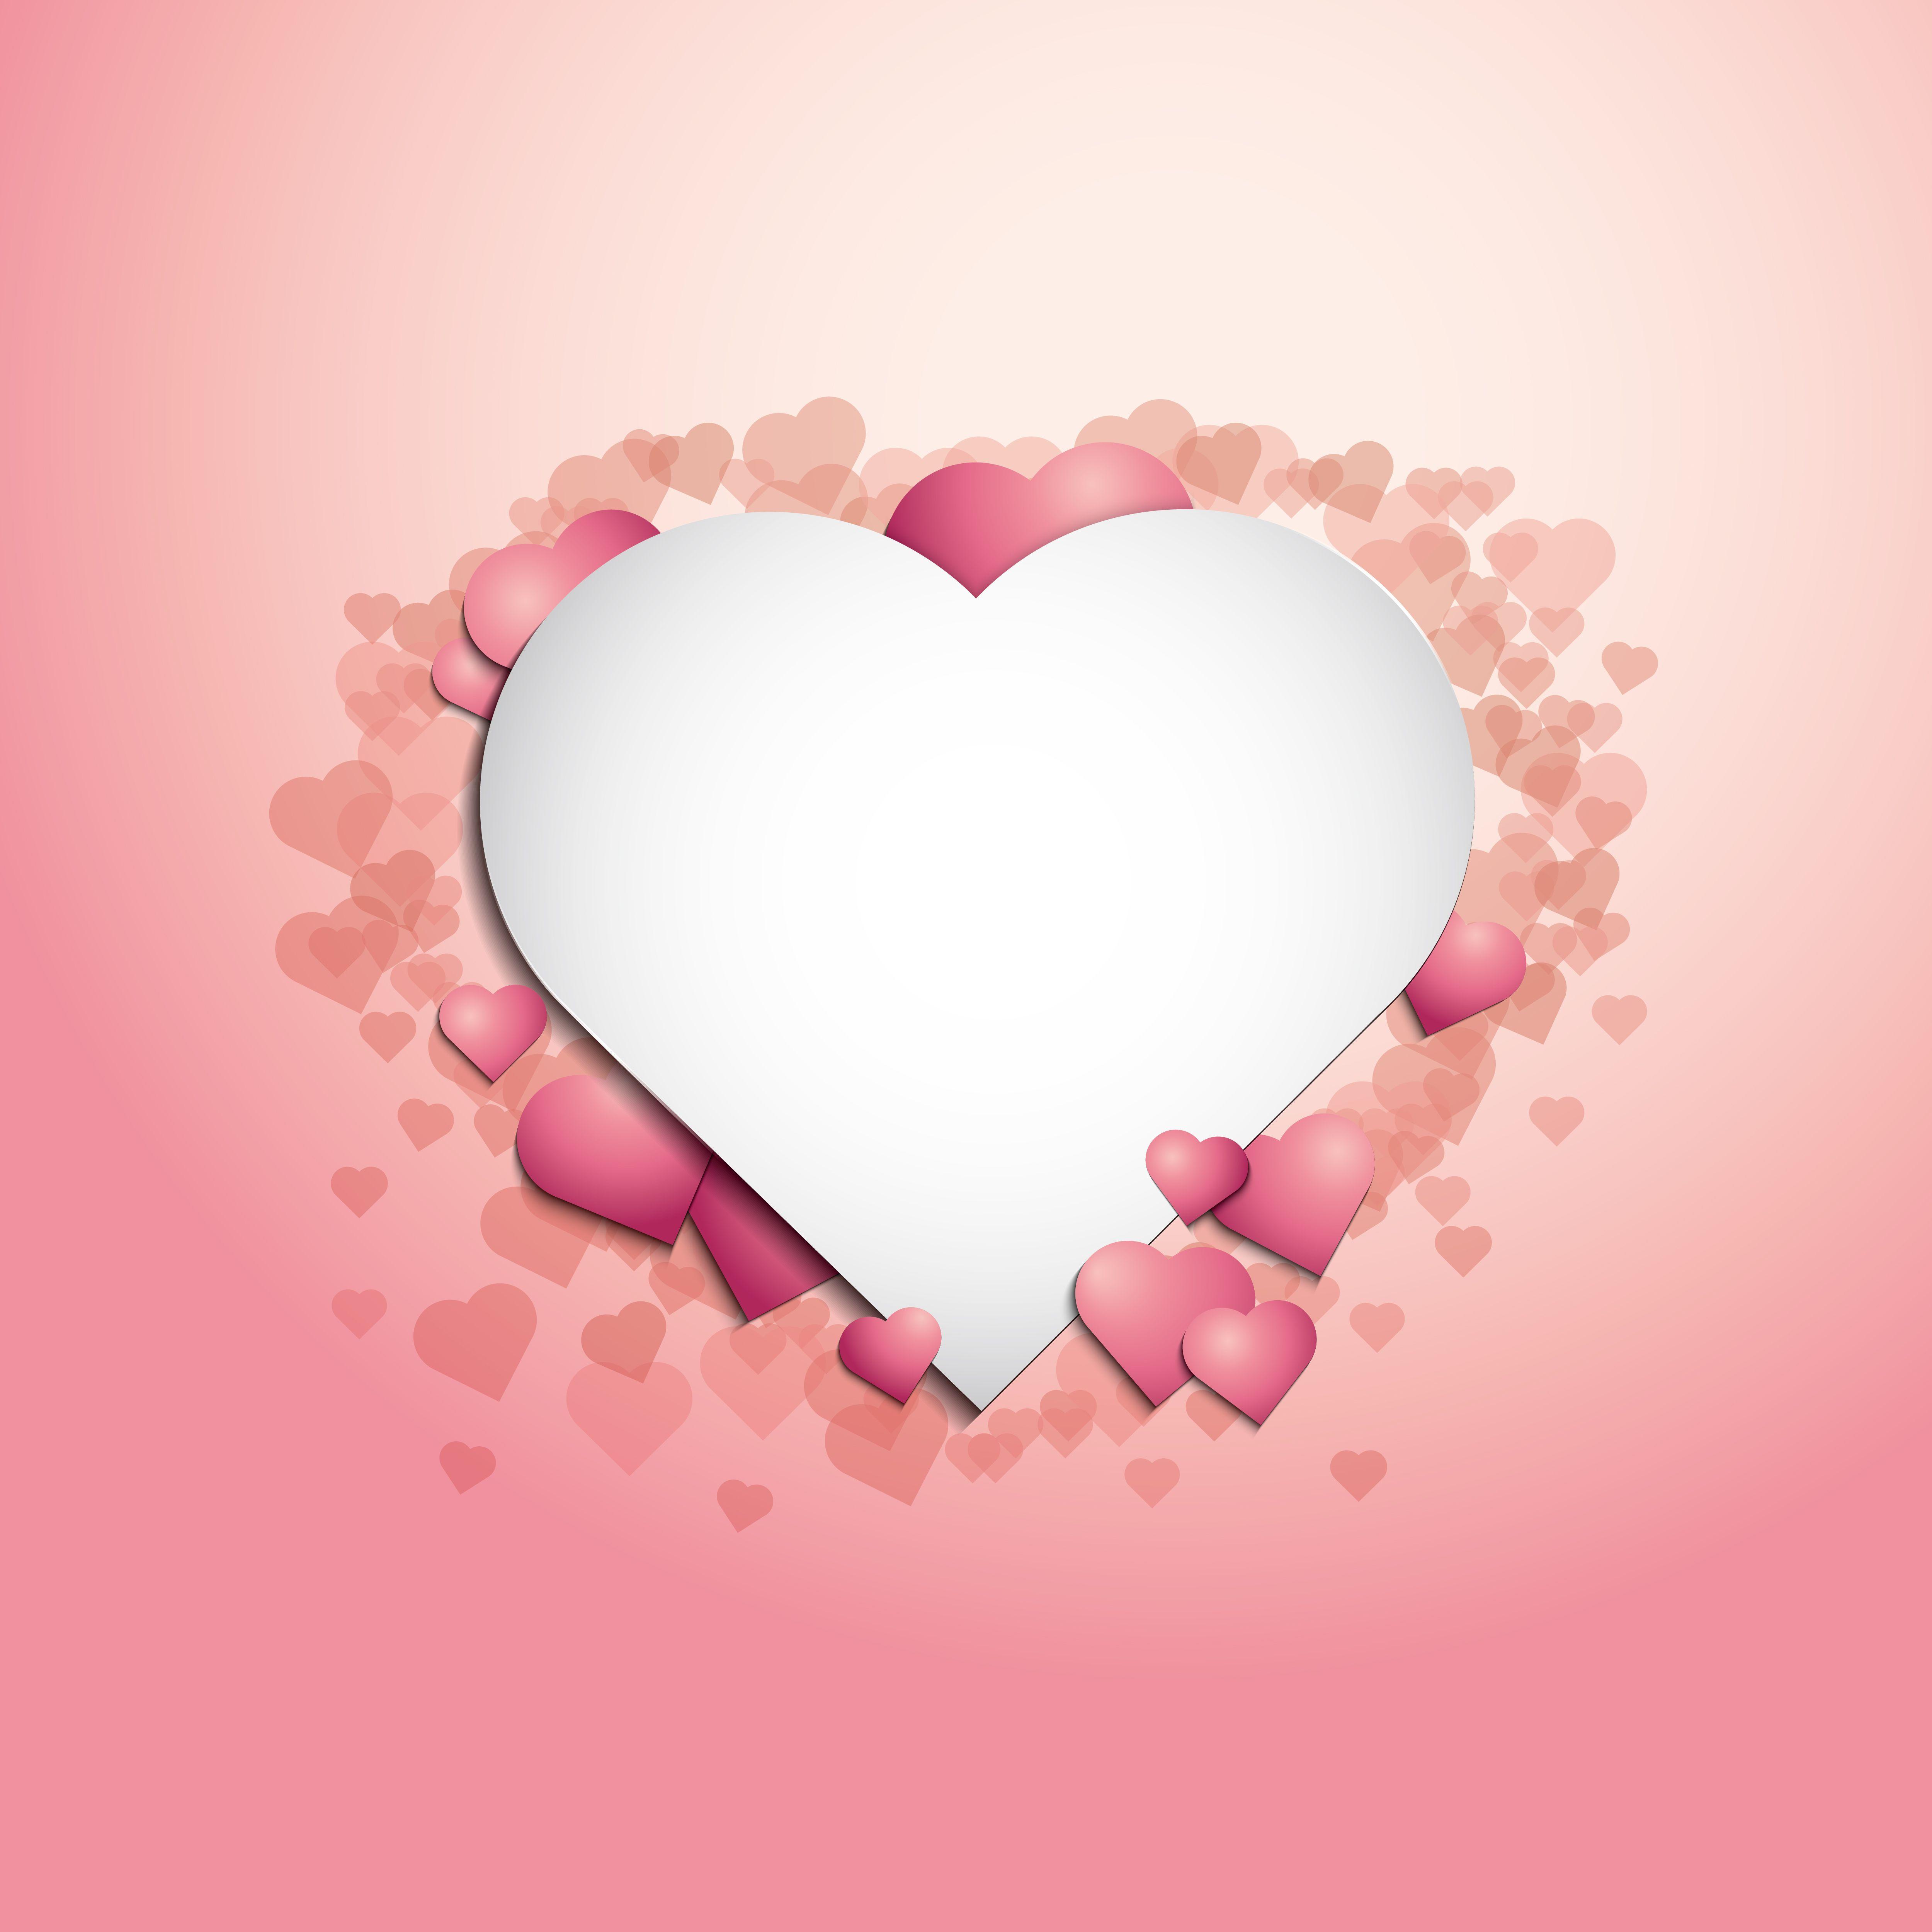 Design Born Pink Card Background Valentine Heart Images Heart Frame Flower Frame